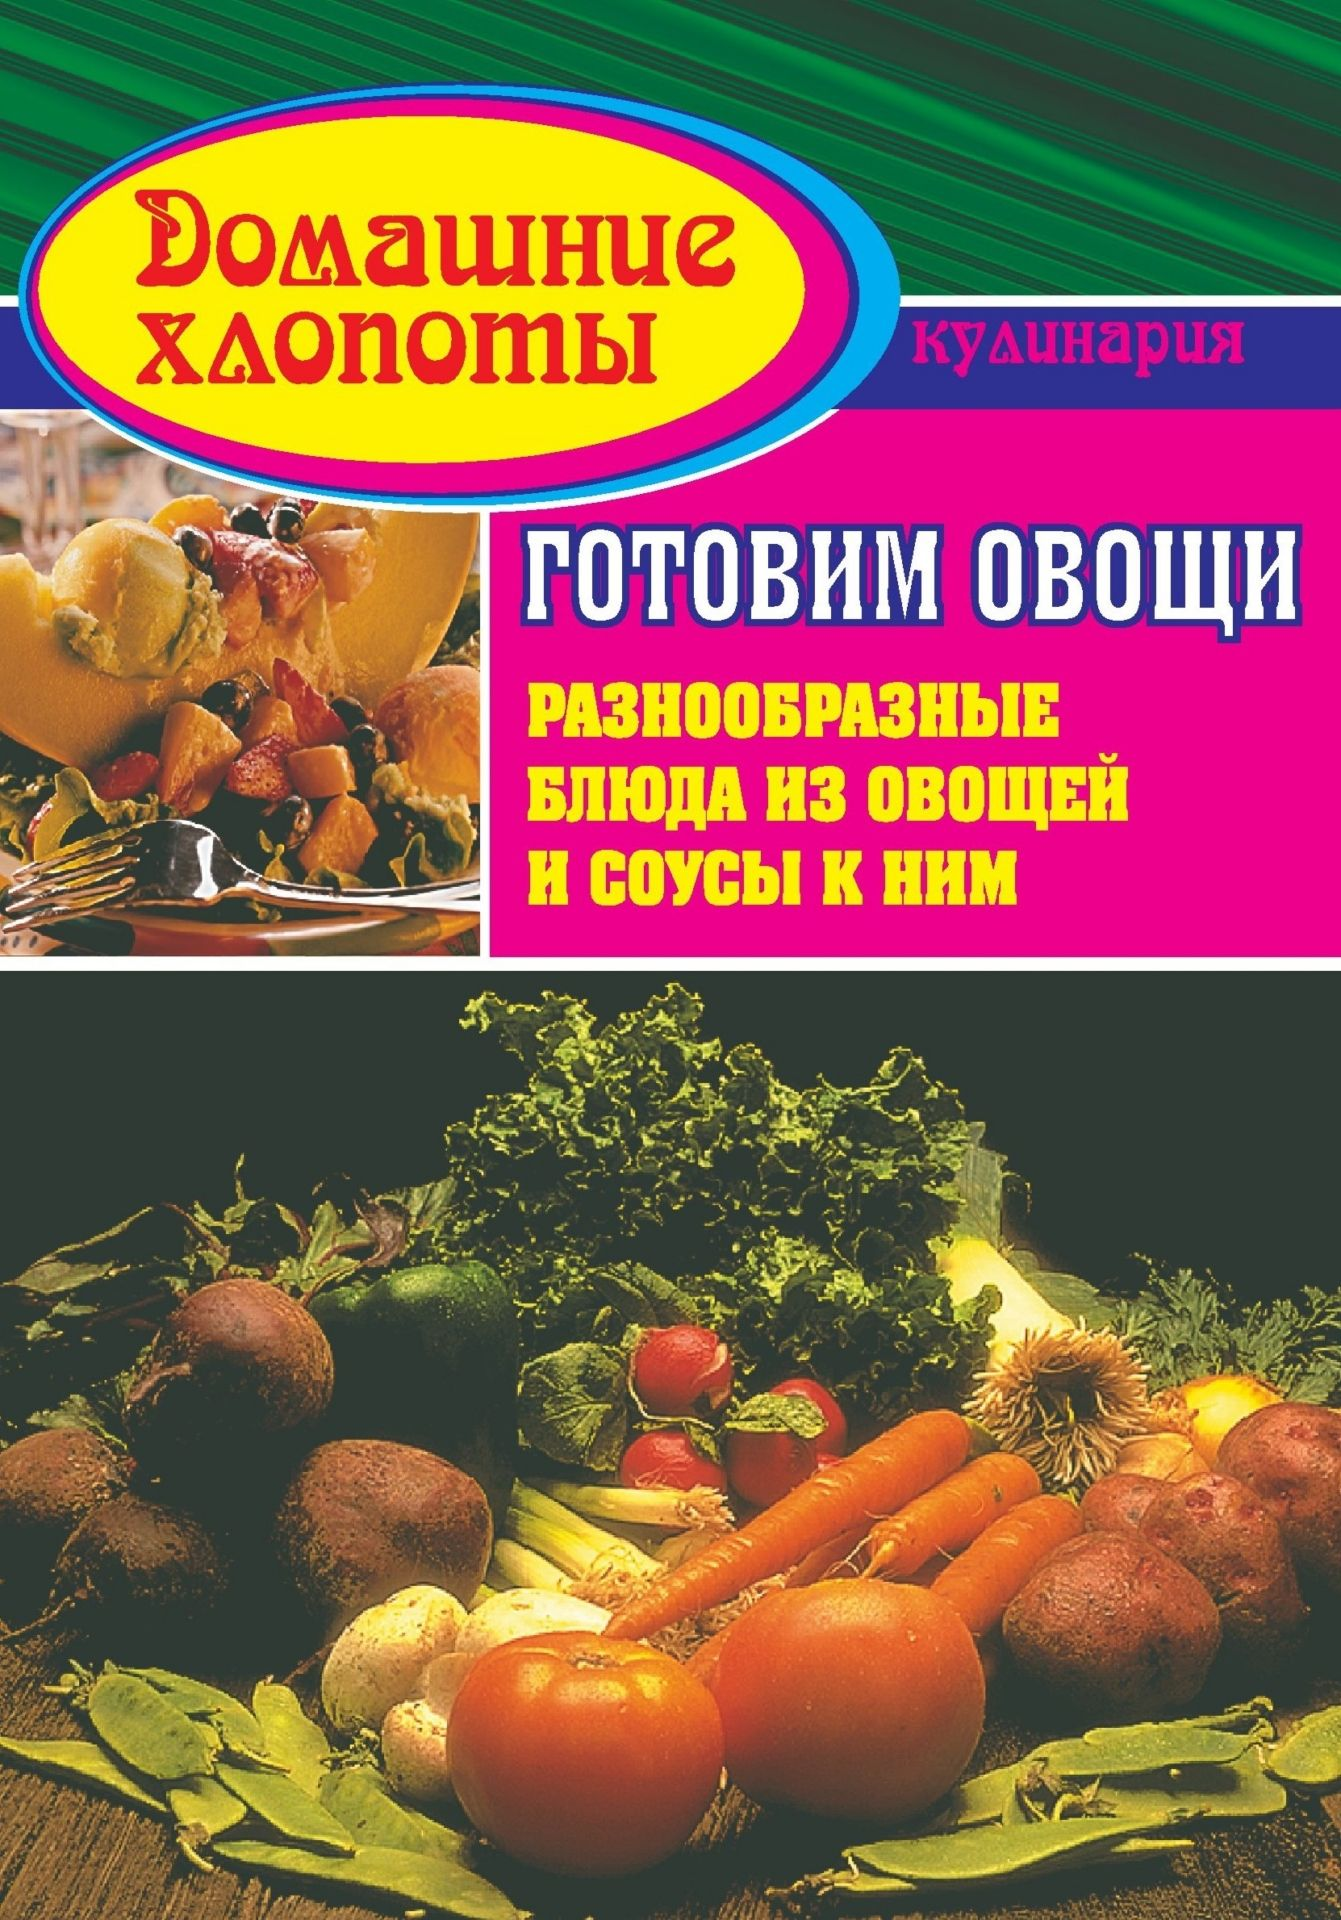 Готовим овощиДом, семья<br>В данной брошюре предлагаются рецепты овощных блюд, наиболее доступных для приготовления.Адресуется широкому кругу читателей.<br><br>Авторы: Пацанова И. И.<br>Год: 2002<br>Серия: Домашние хлопоты<br>ISBN: 5-7057-0557-3<br>Высота: 195<br>Ширина: 140<br>Толщина: 1